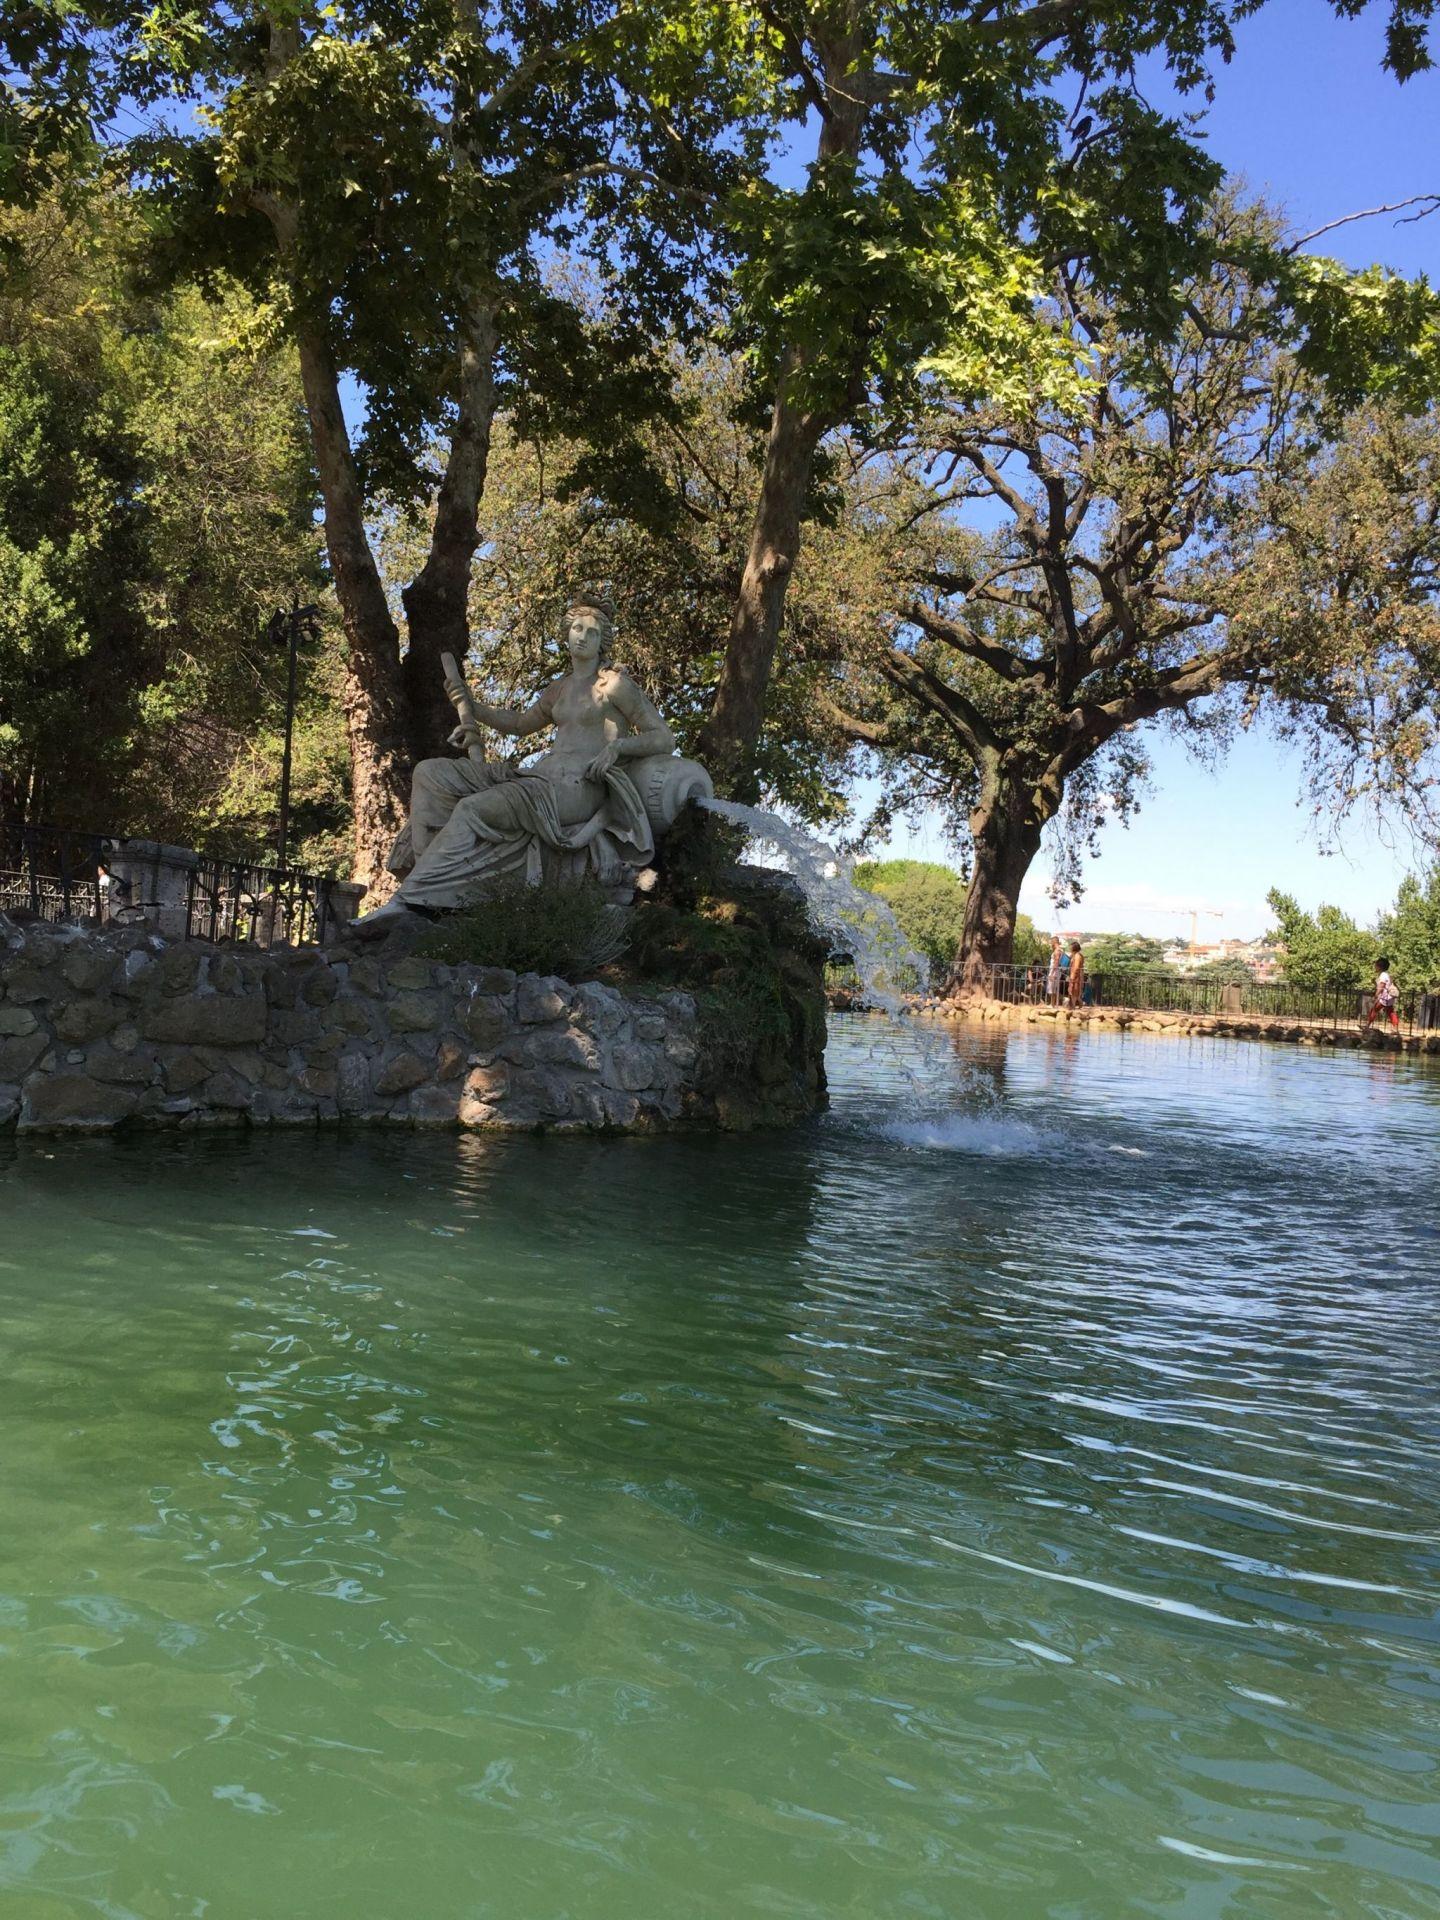 Rowing on Villa Borghese Gardens lake